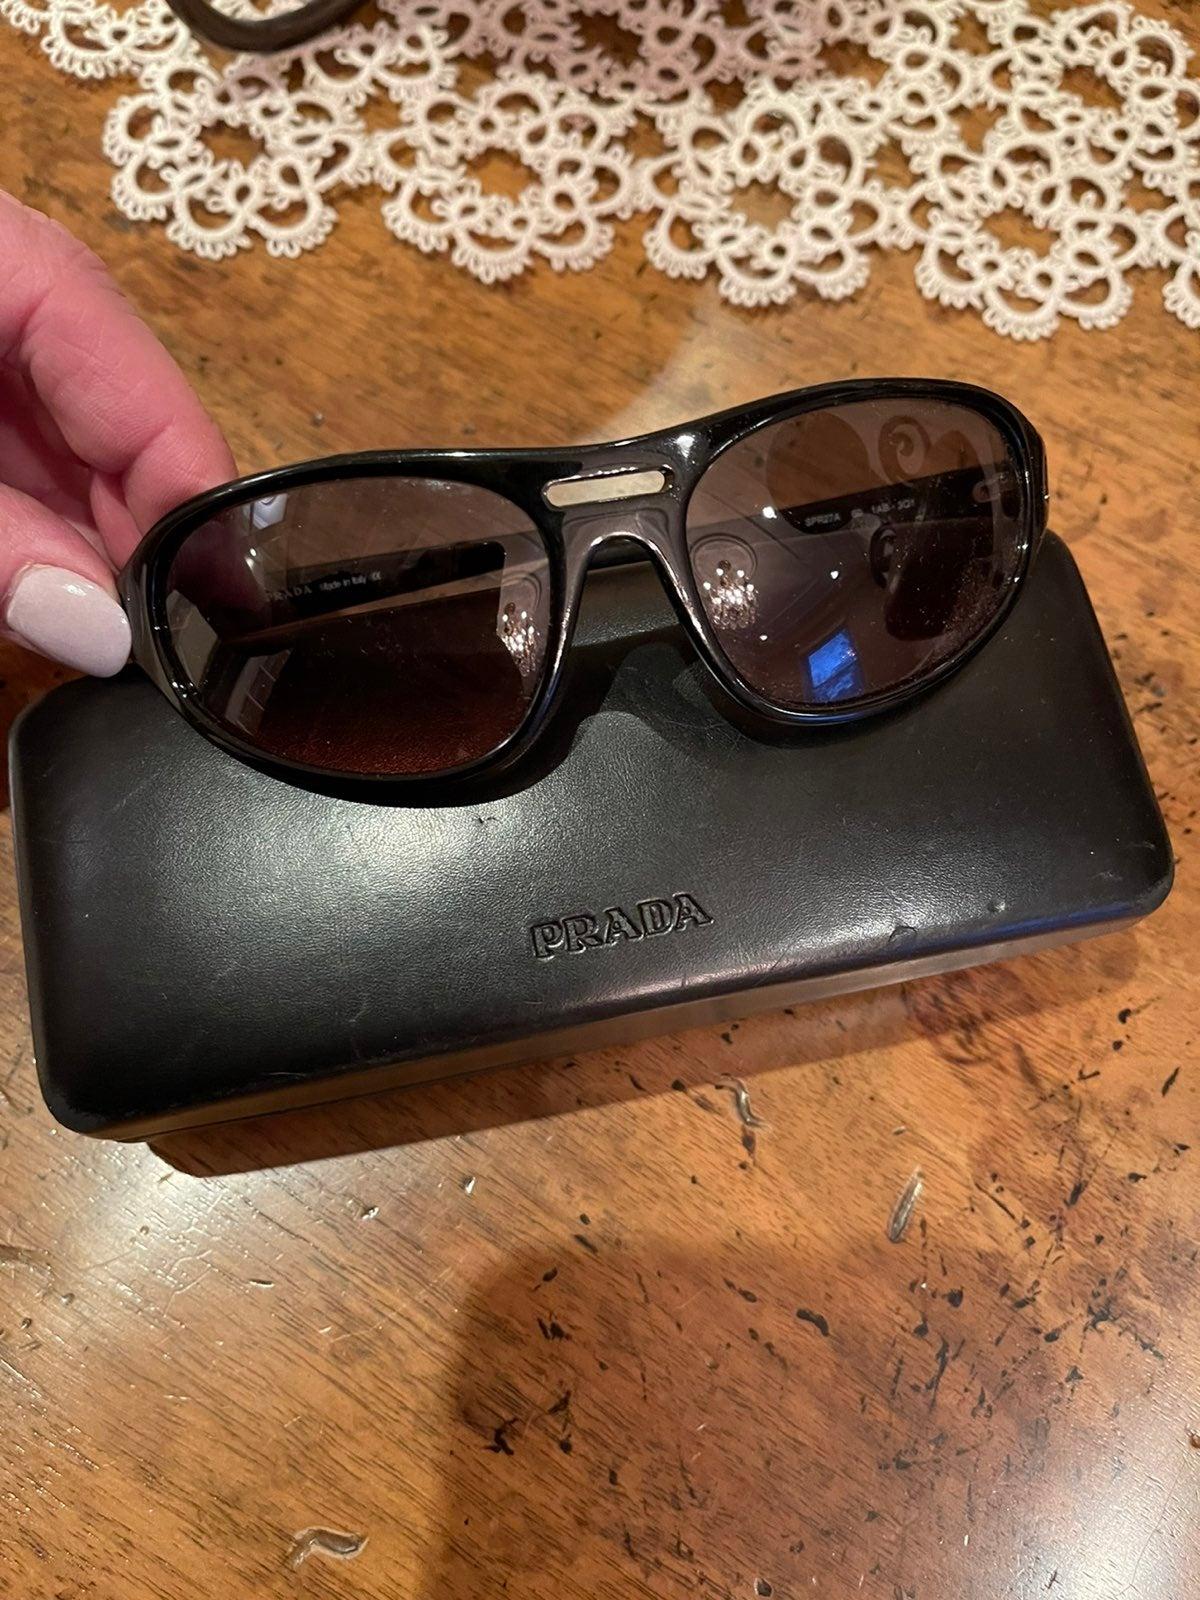 Prada sunglasses!!